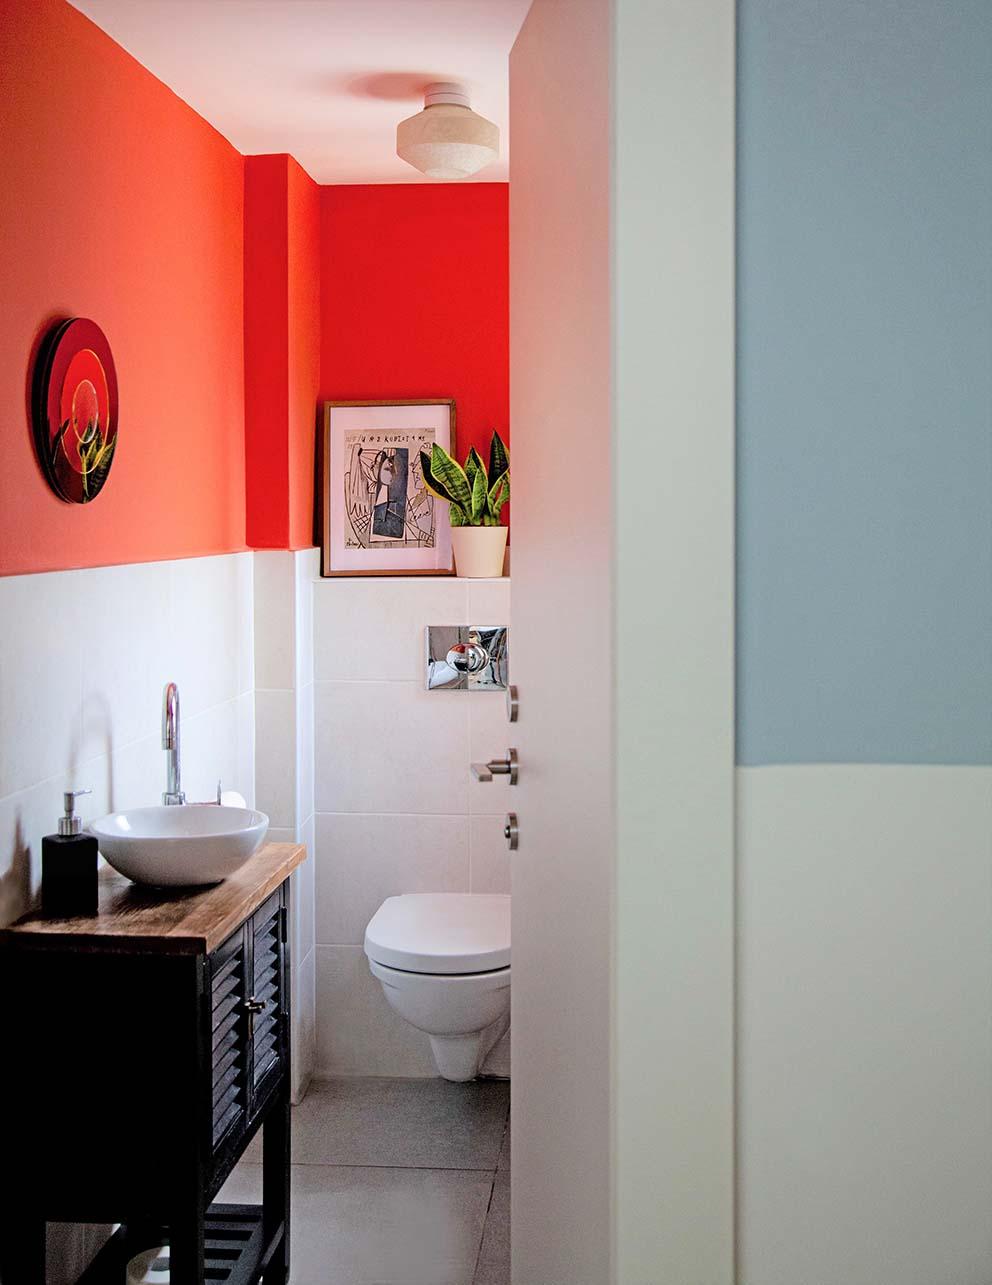 עיצוב וצילום: שרון ברקת, www.pnim.co.il